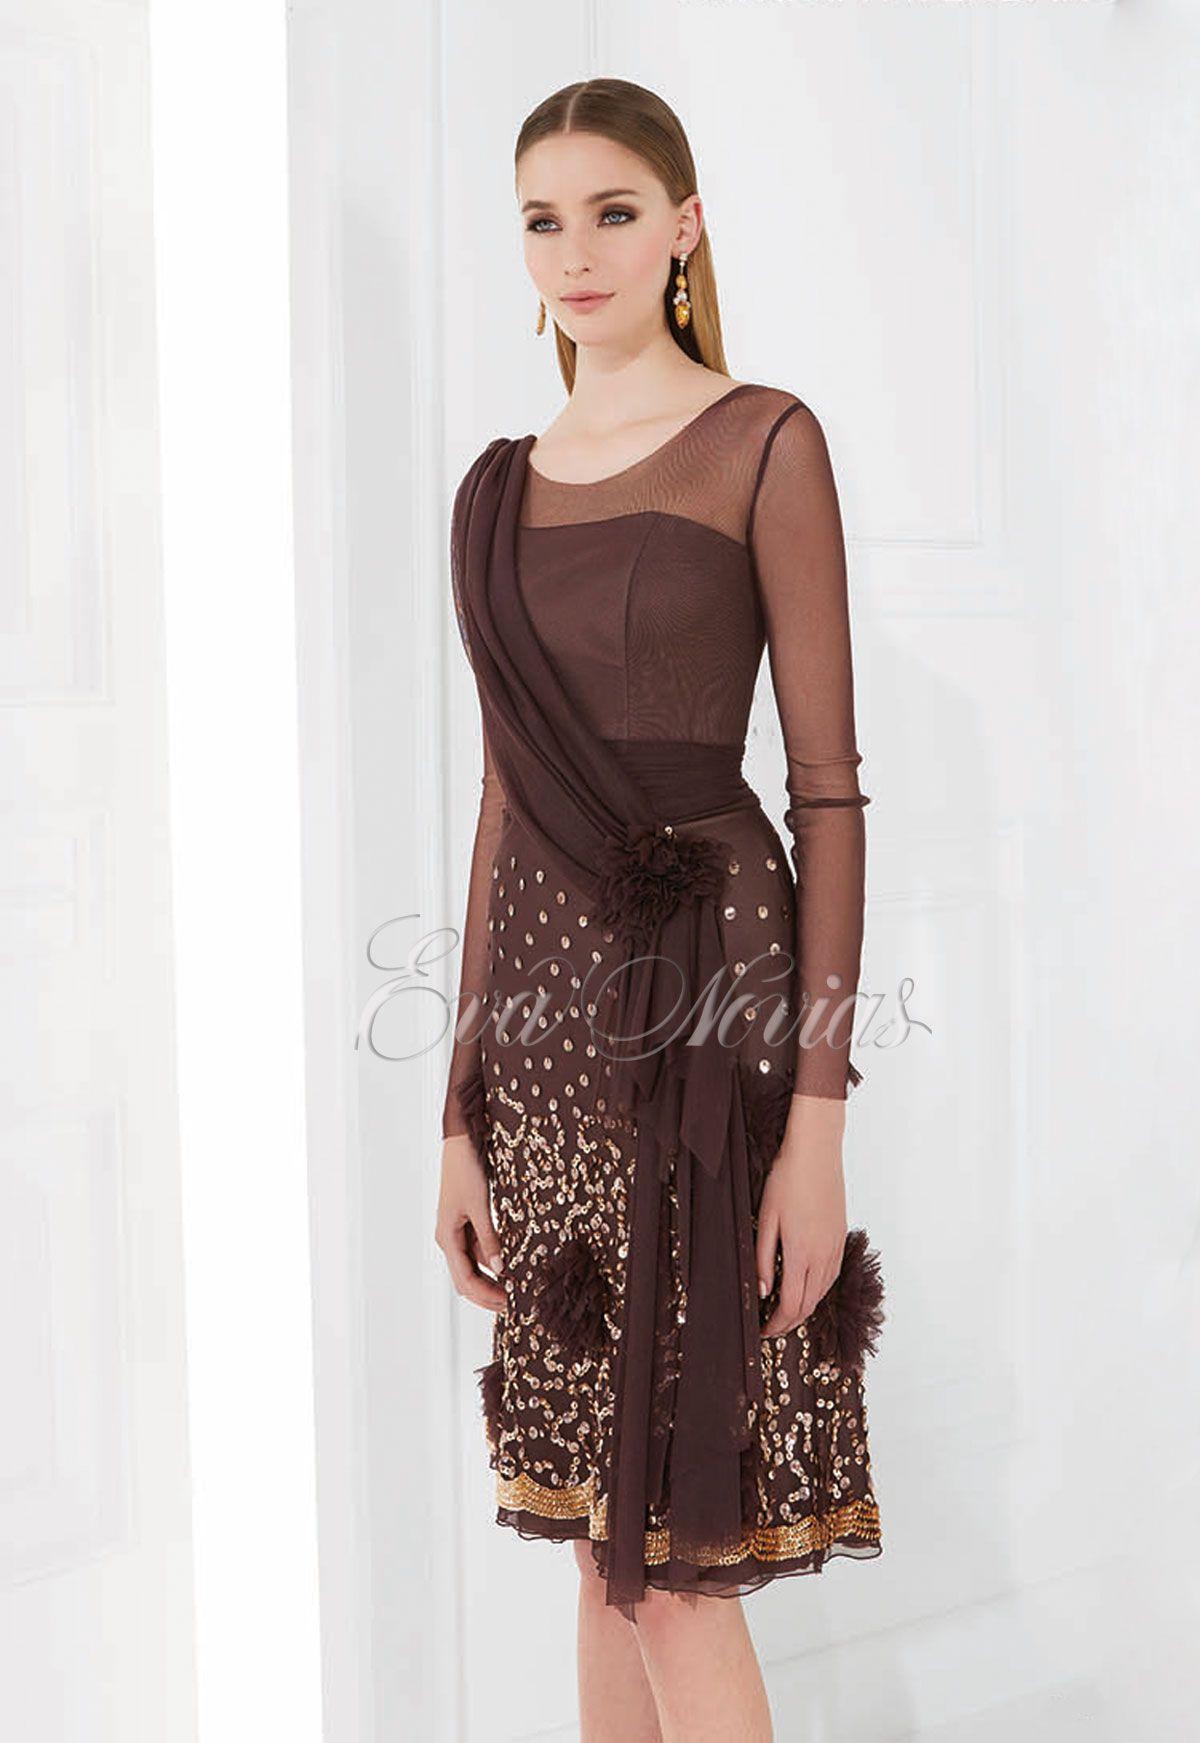 83fe60b939 Vestido de fiesta Patricia Avendaño 2016 Modelo 1980 en Eva Novias Madrid.   vestido  boda  invitada  modamujer  dress  fashion  glamour